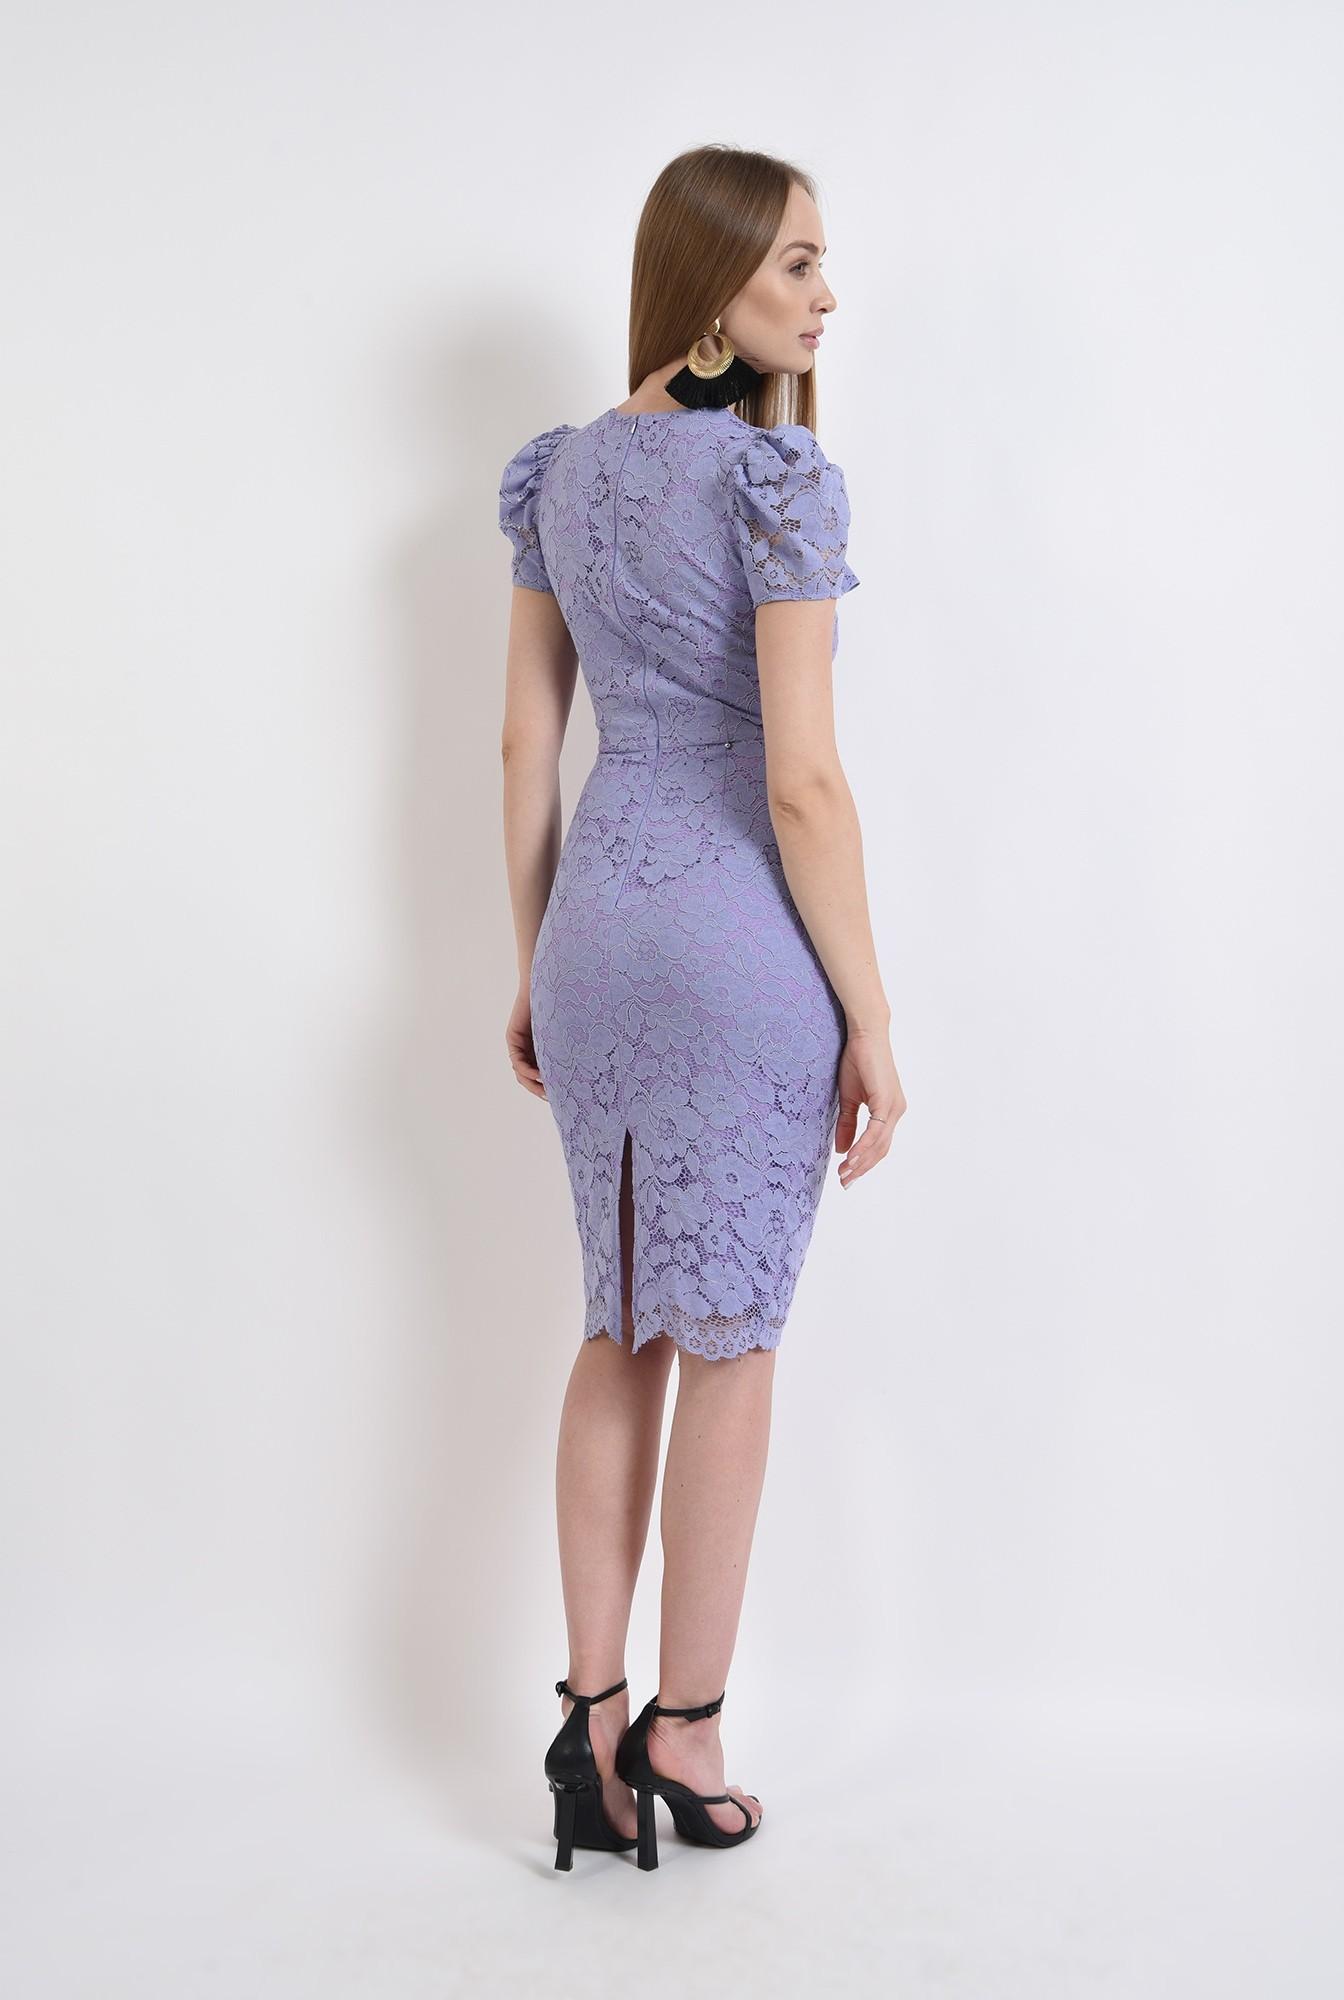 2 - rochie din dantela, eleganta, cu maneca scurta